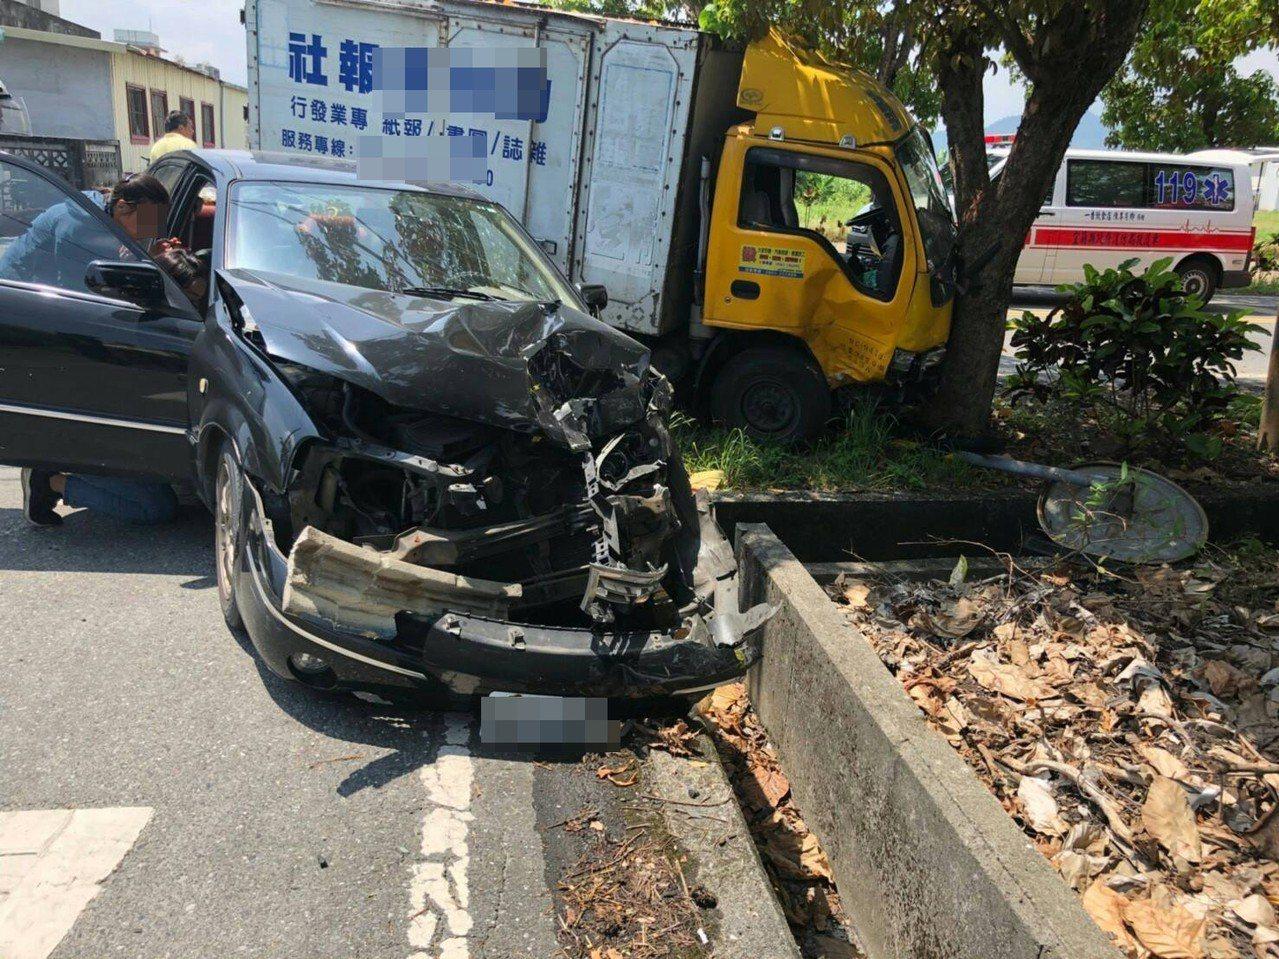 宜蘭車禍4人受傷送醫,車禍的小貨車撞樹。圖/宜蘭縣消防局提供